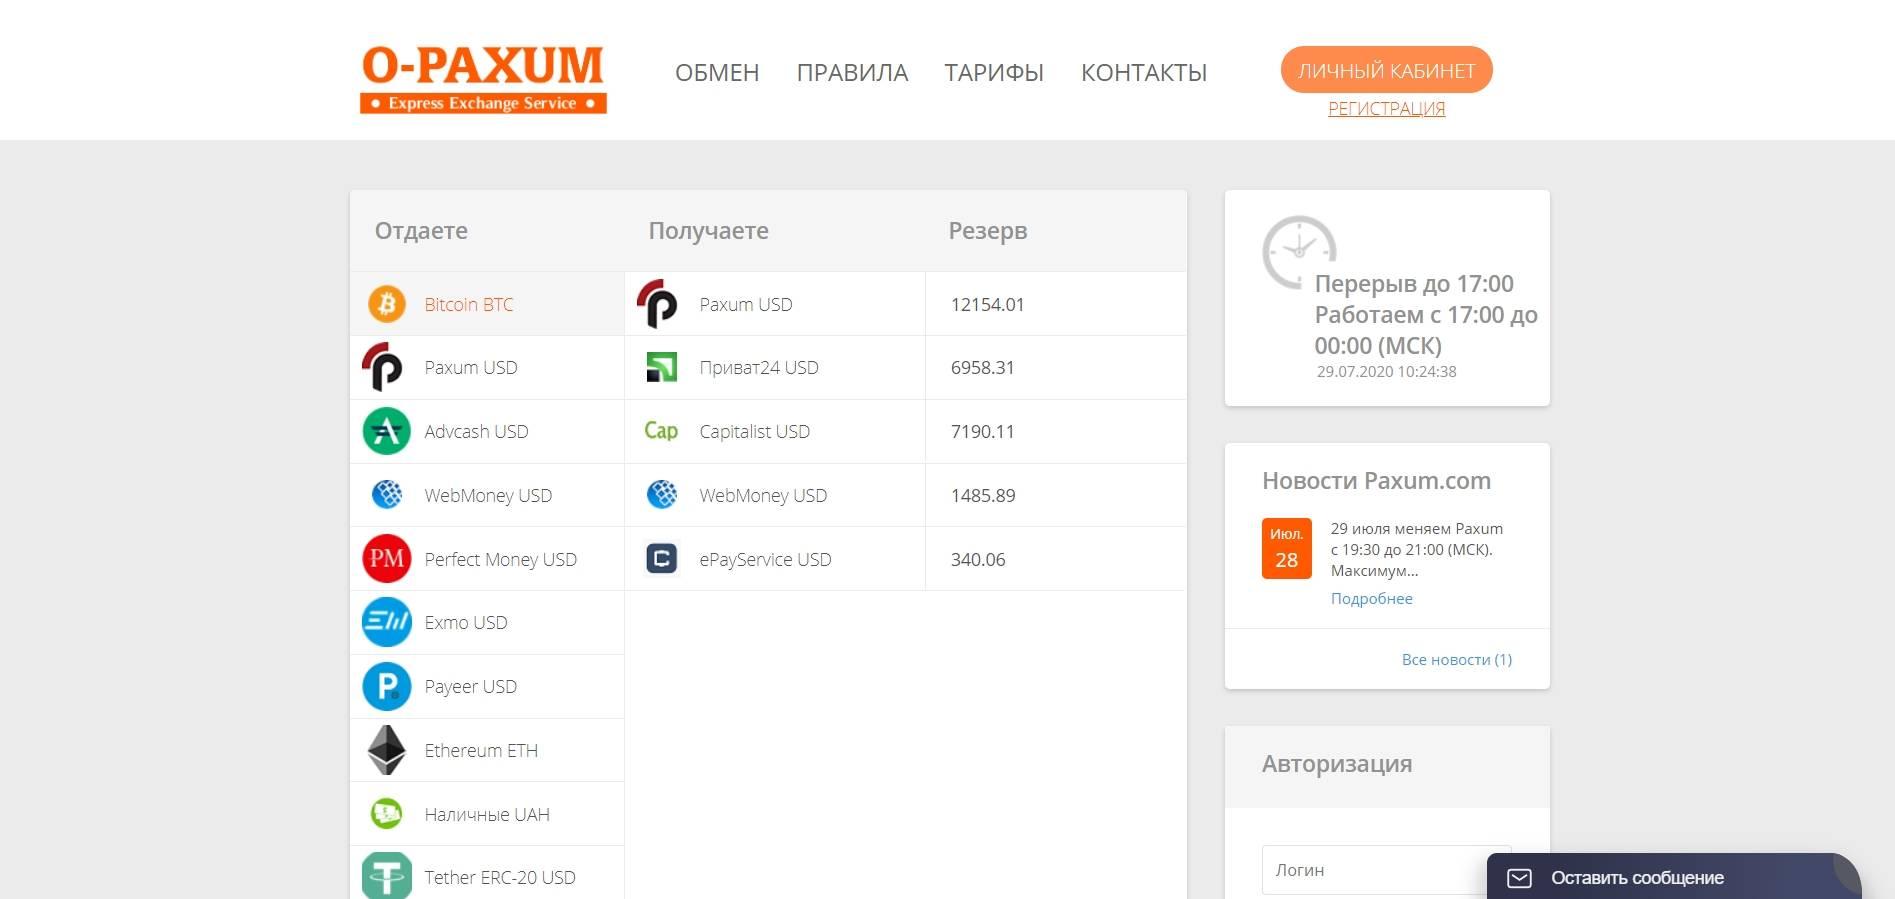 O-Paxum